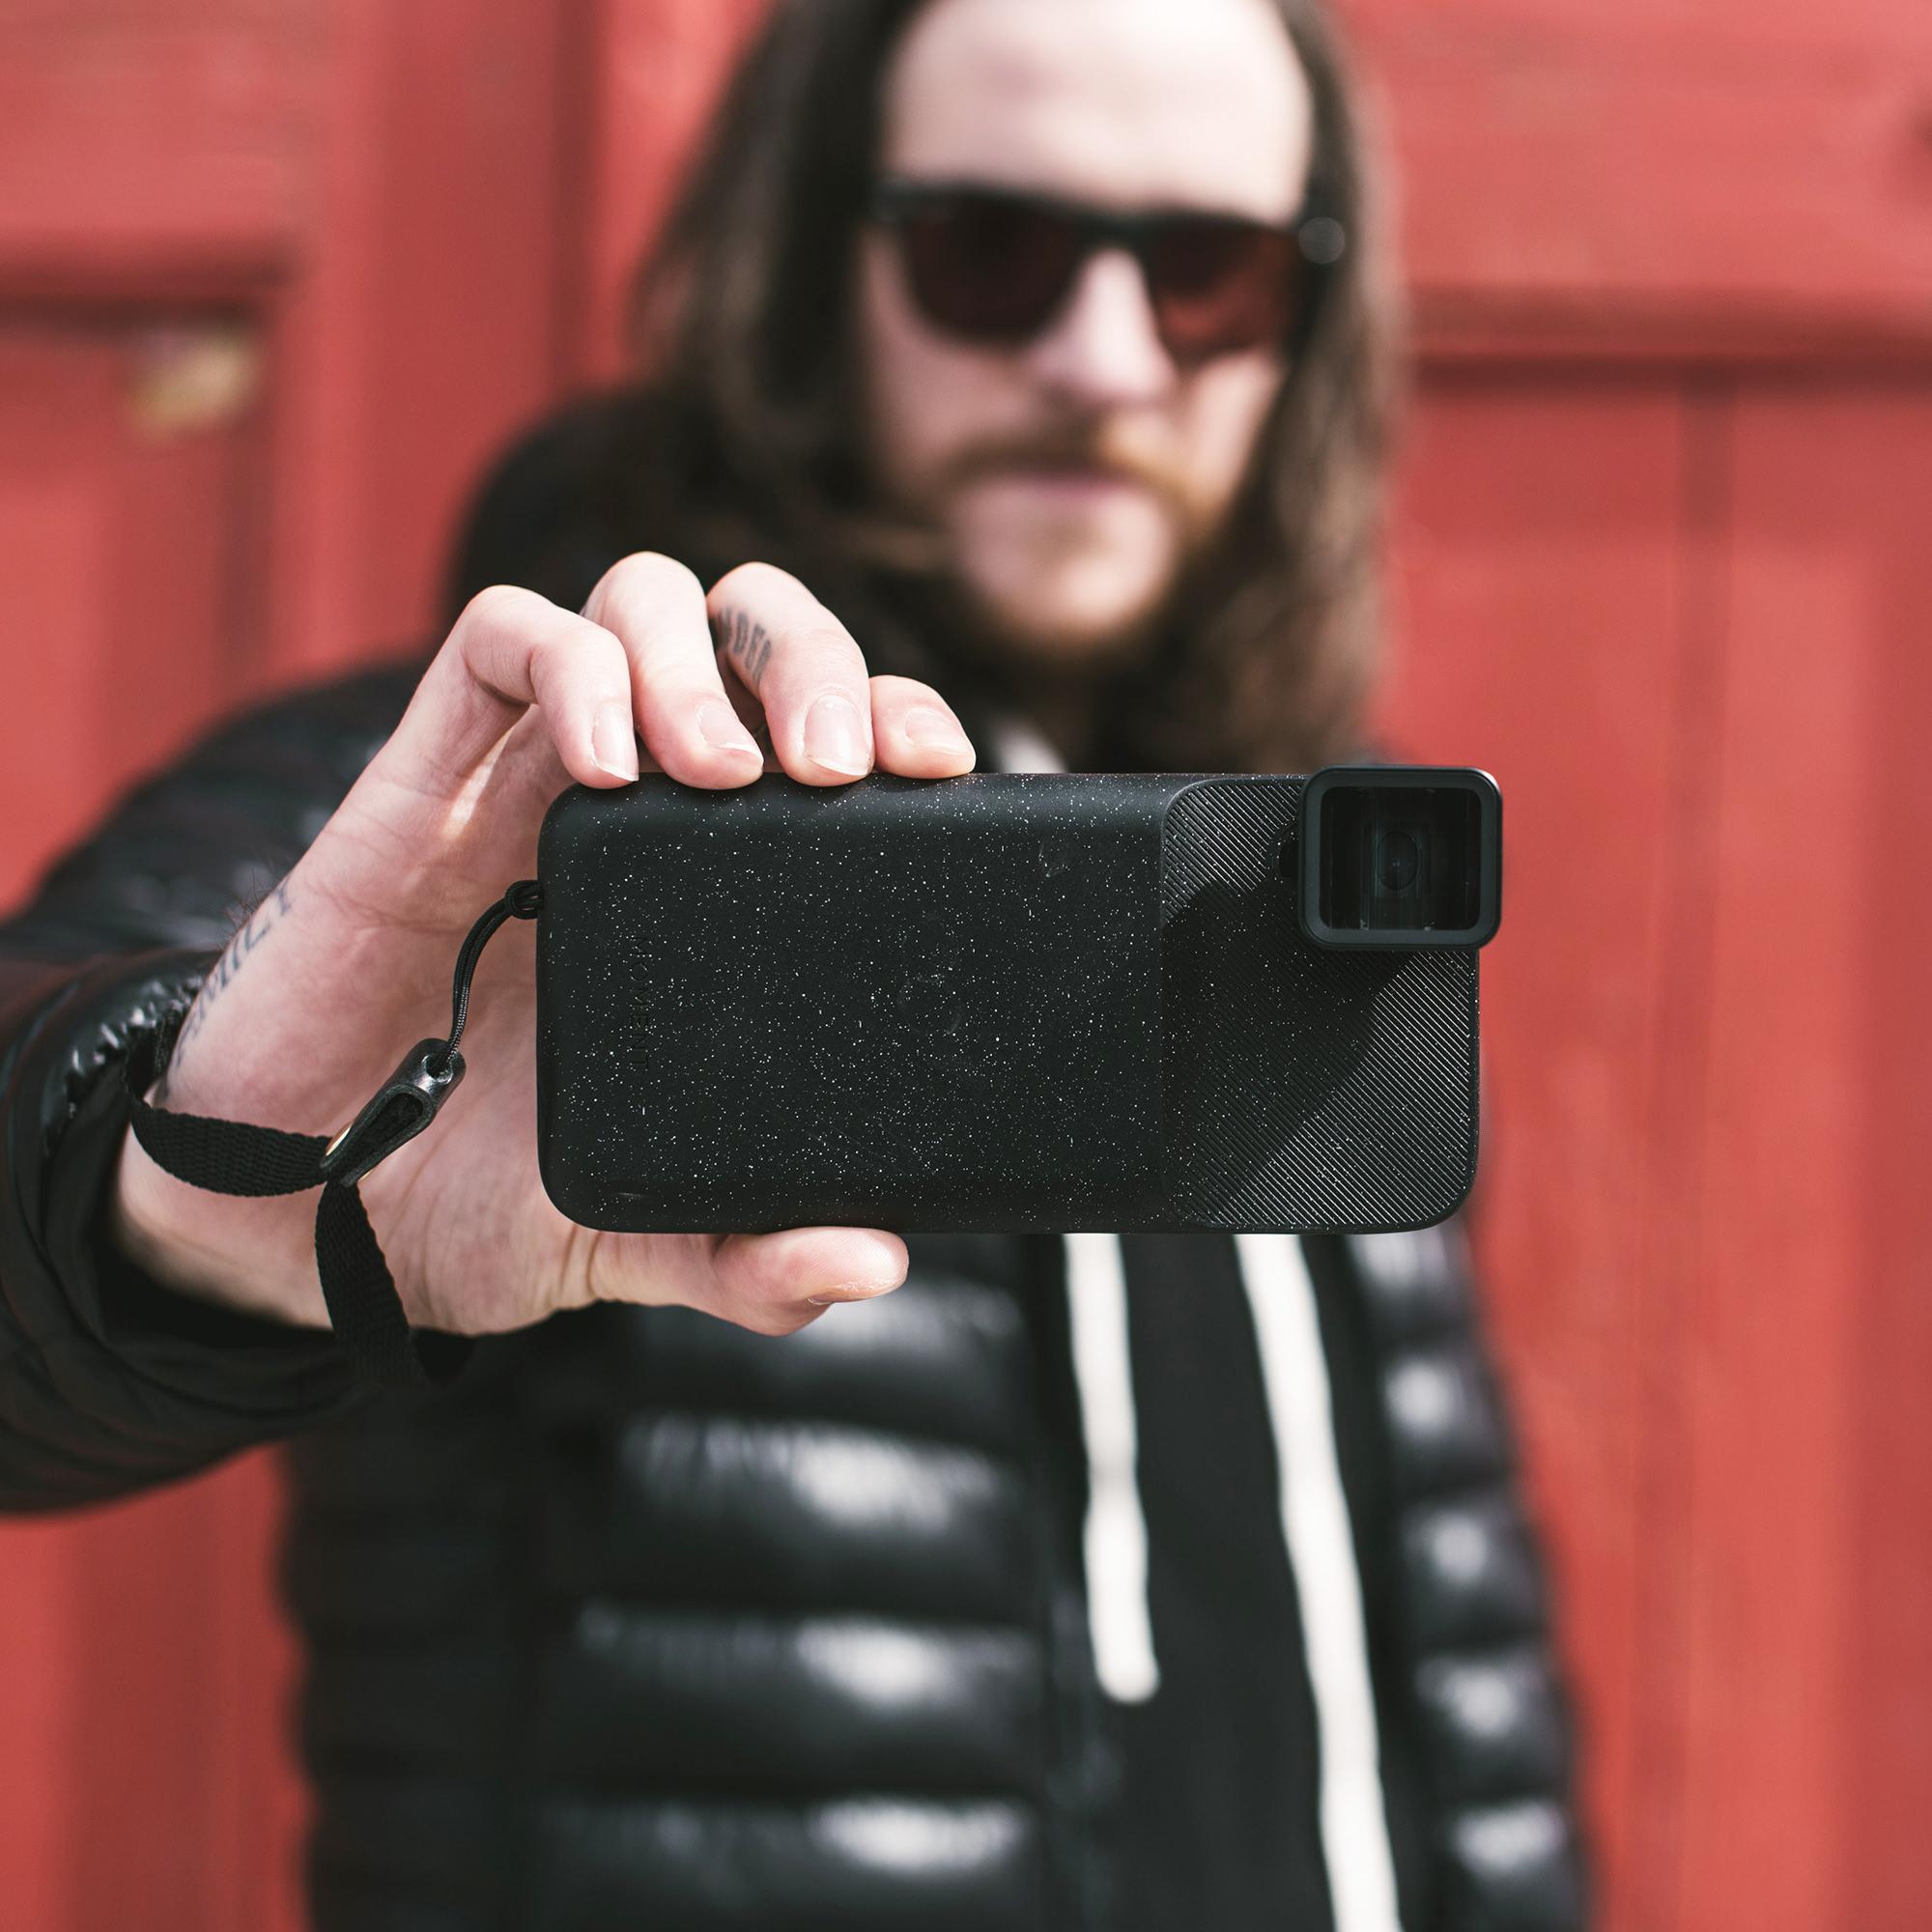 Griswold-Moment-Anamorphic-Cinema-Lenses-Kickstarter17.JPG